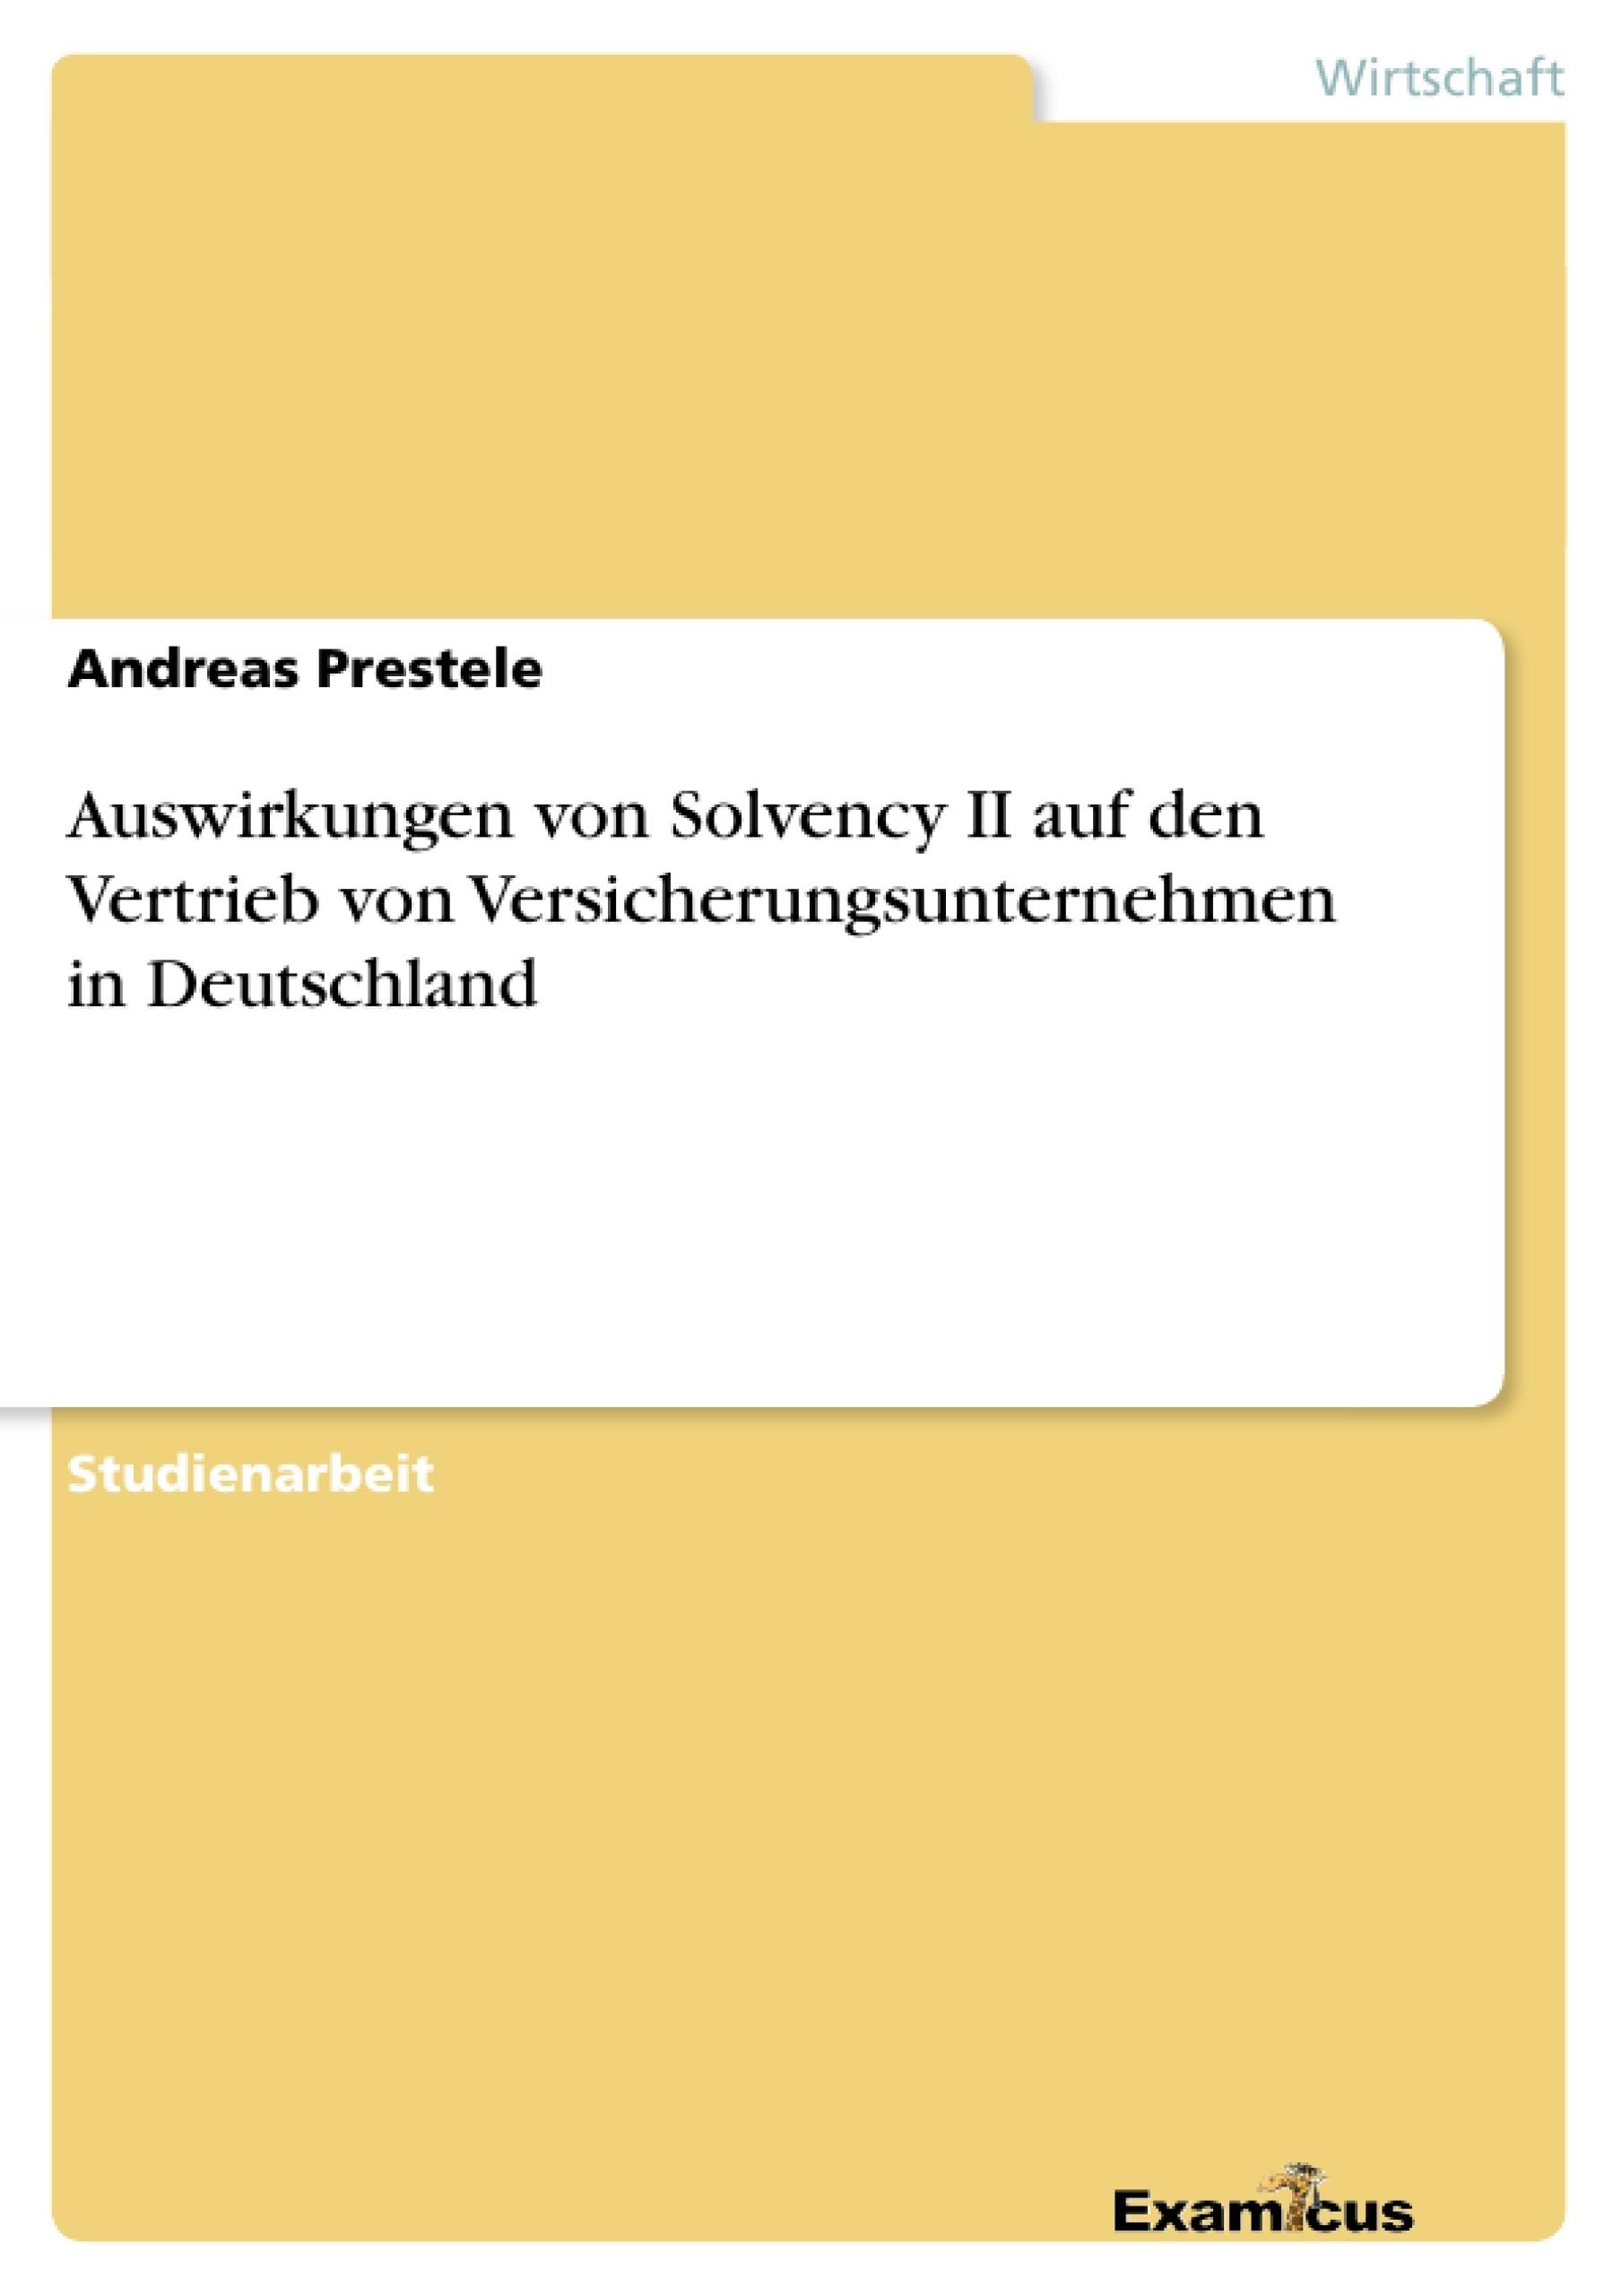 Titel: Auswirkungen von Solvency II auf den Vertrieb von Versicherungsunternehmen in Deutschland